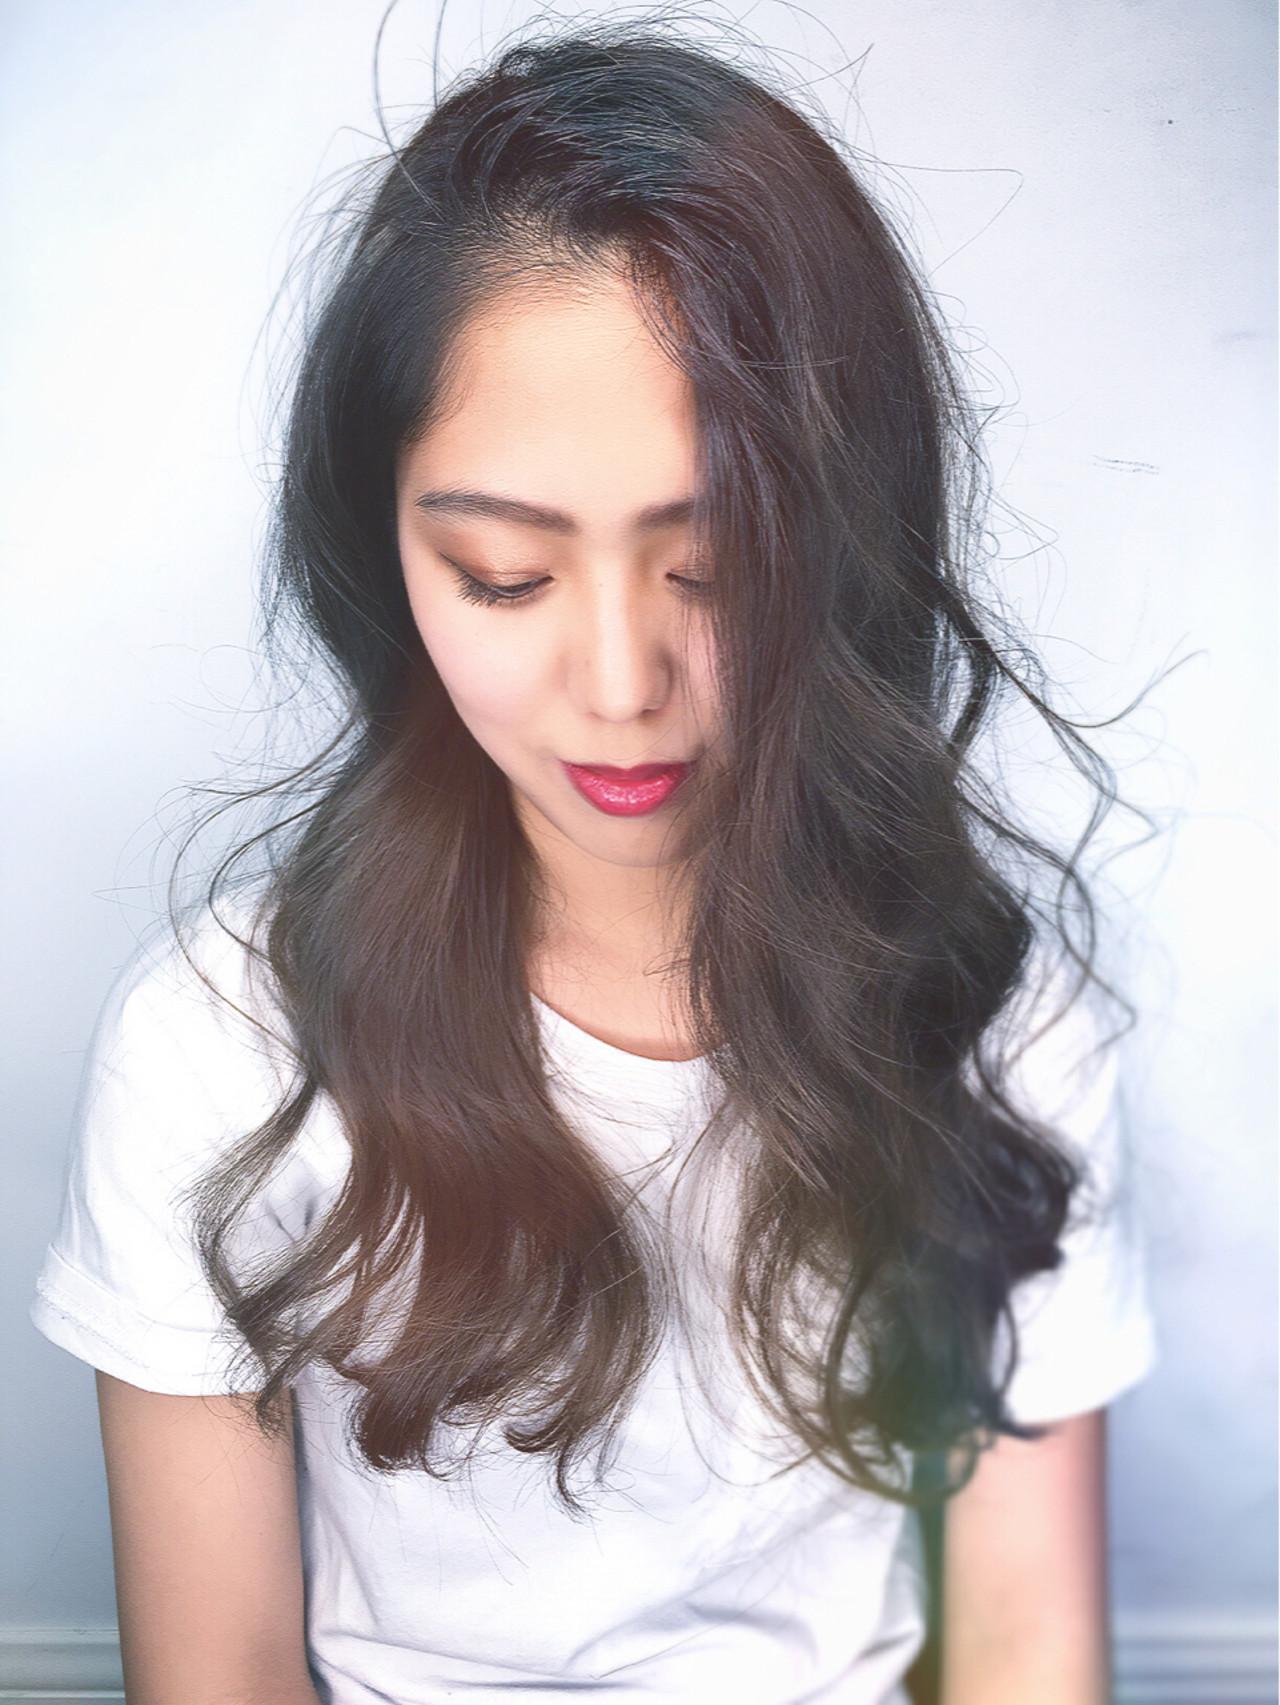 アッシュ ナチュラル 前髪あり ロング ヘアスタイルや髪型の写真・画像 | 筒井 隆由 / Hair salon mode